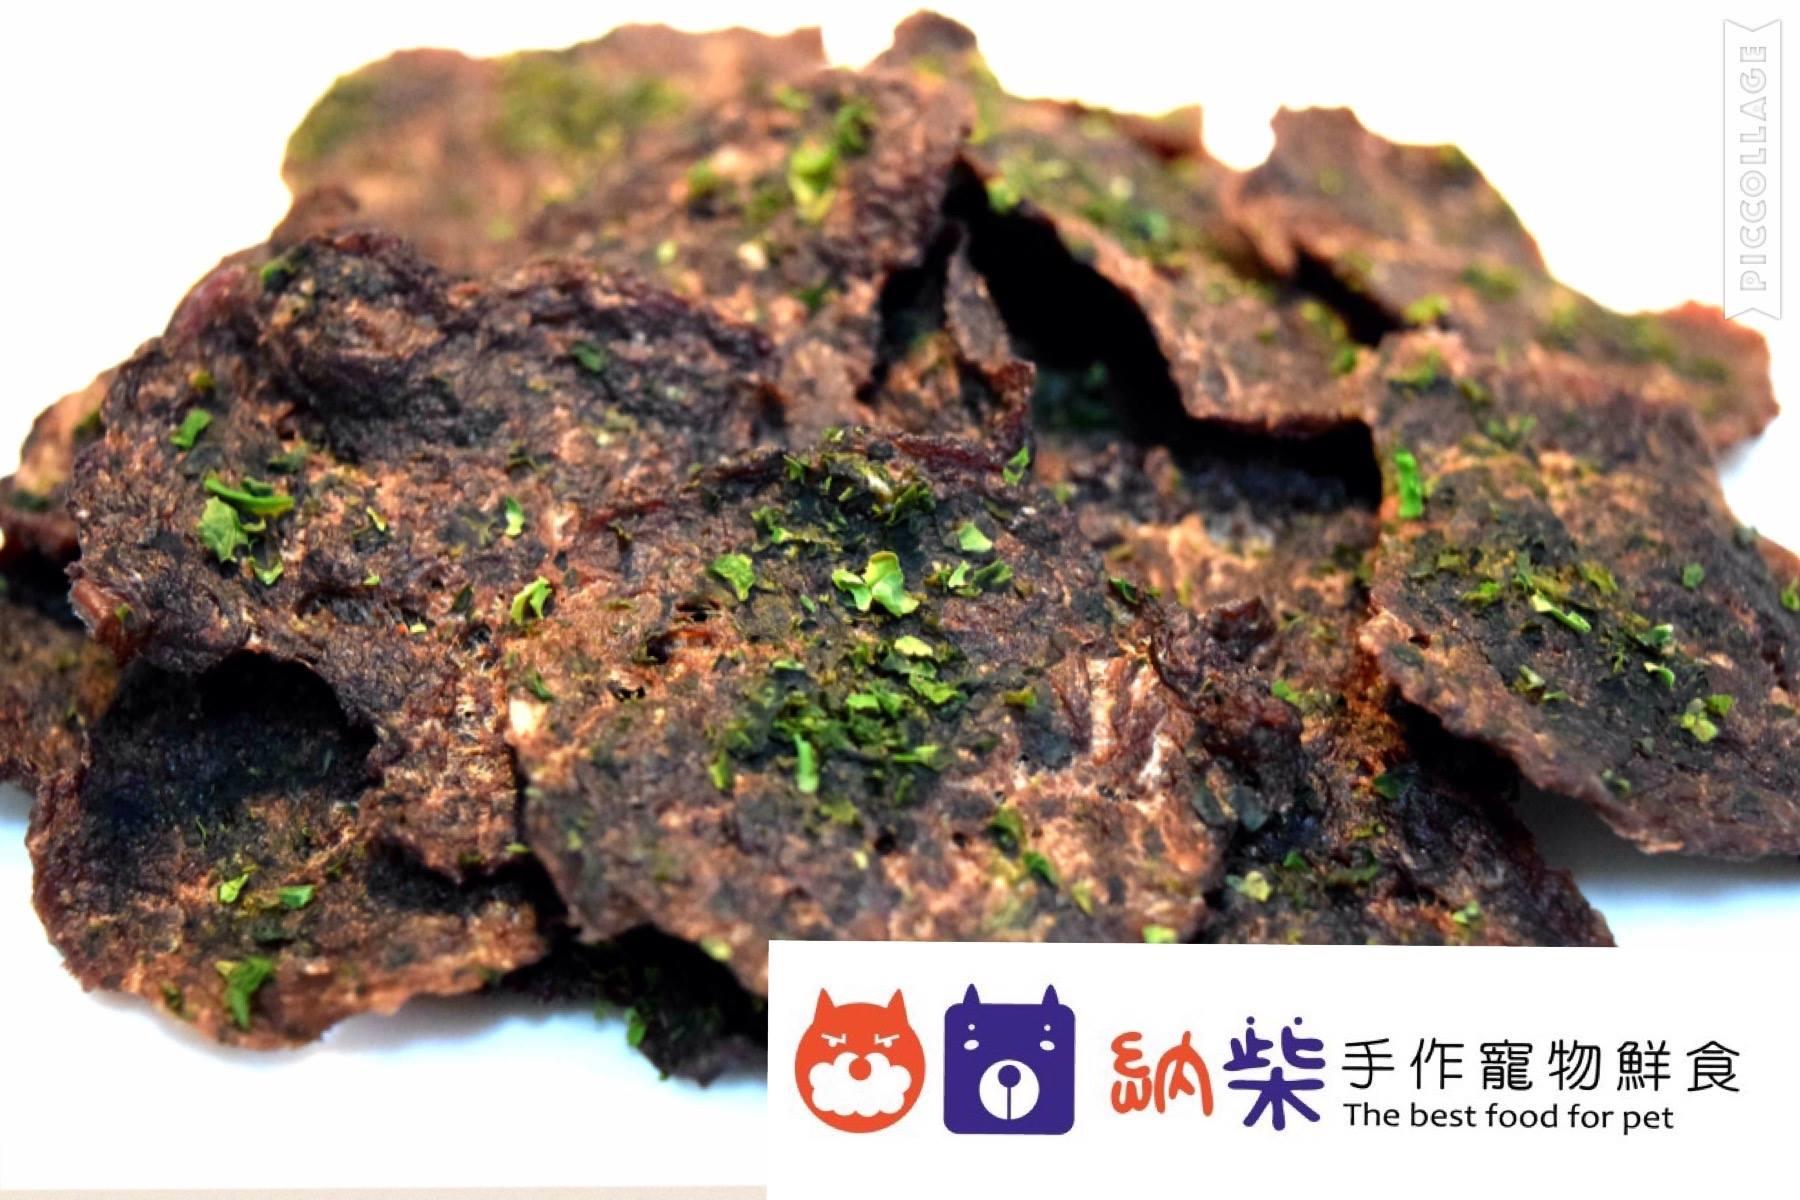 納柴手作寵物鮮食 - 牛肉小圓片 (海苔) 50g